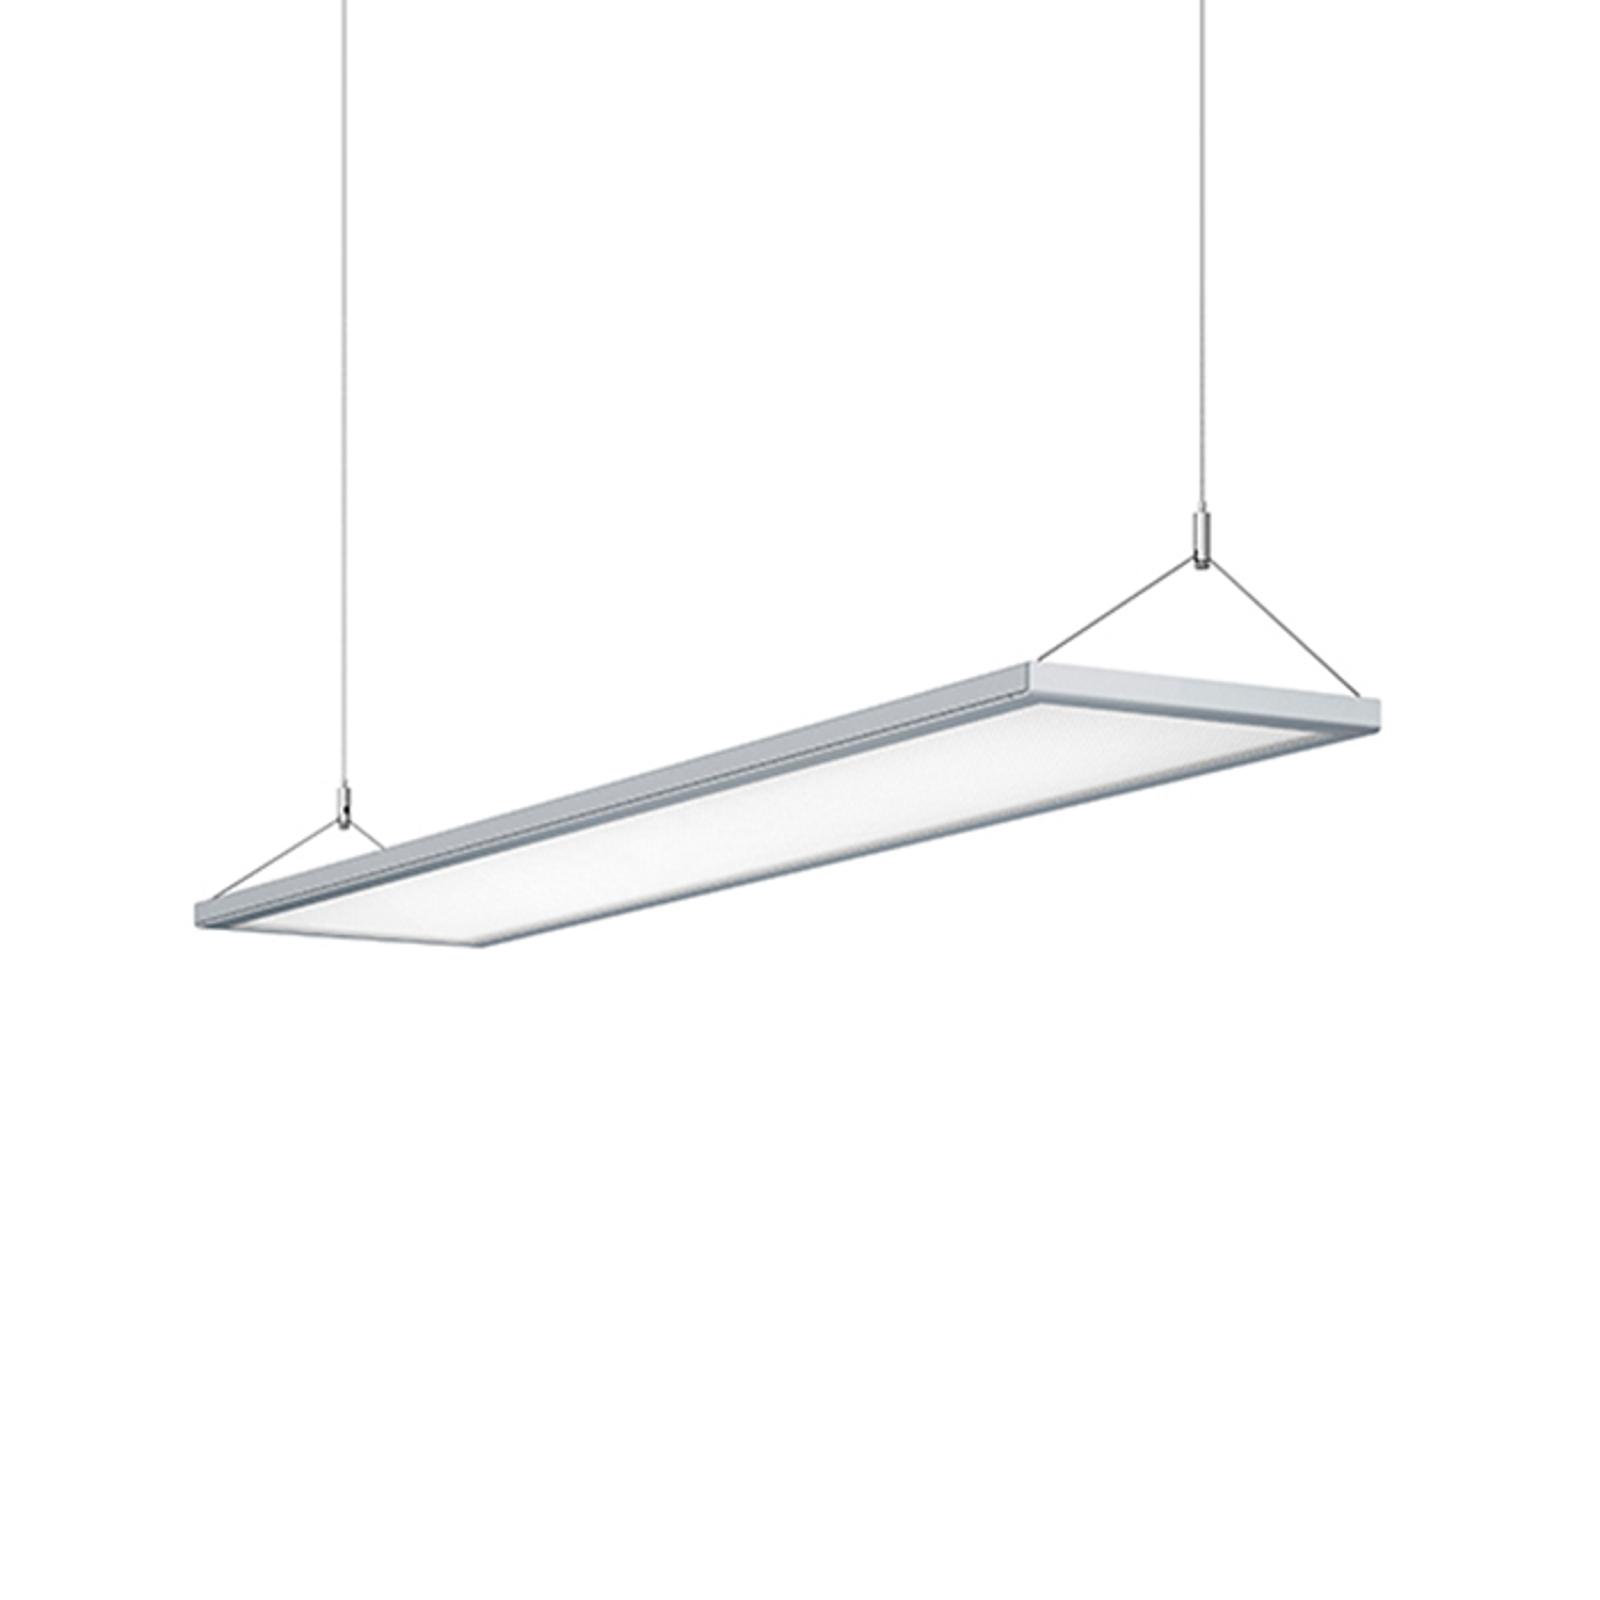 LED-Hängeleuchte IDOO für Büros 49W, weiß